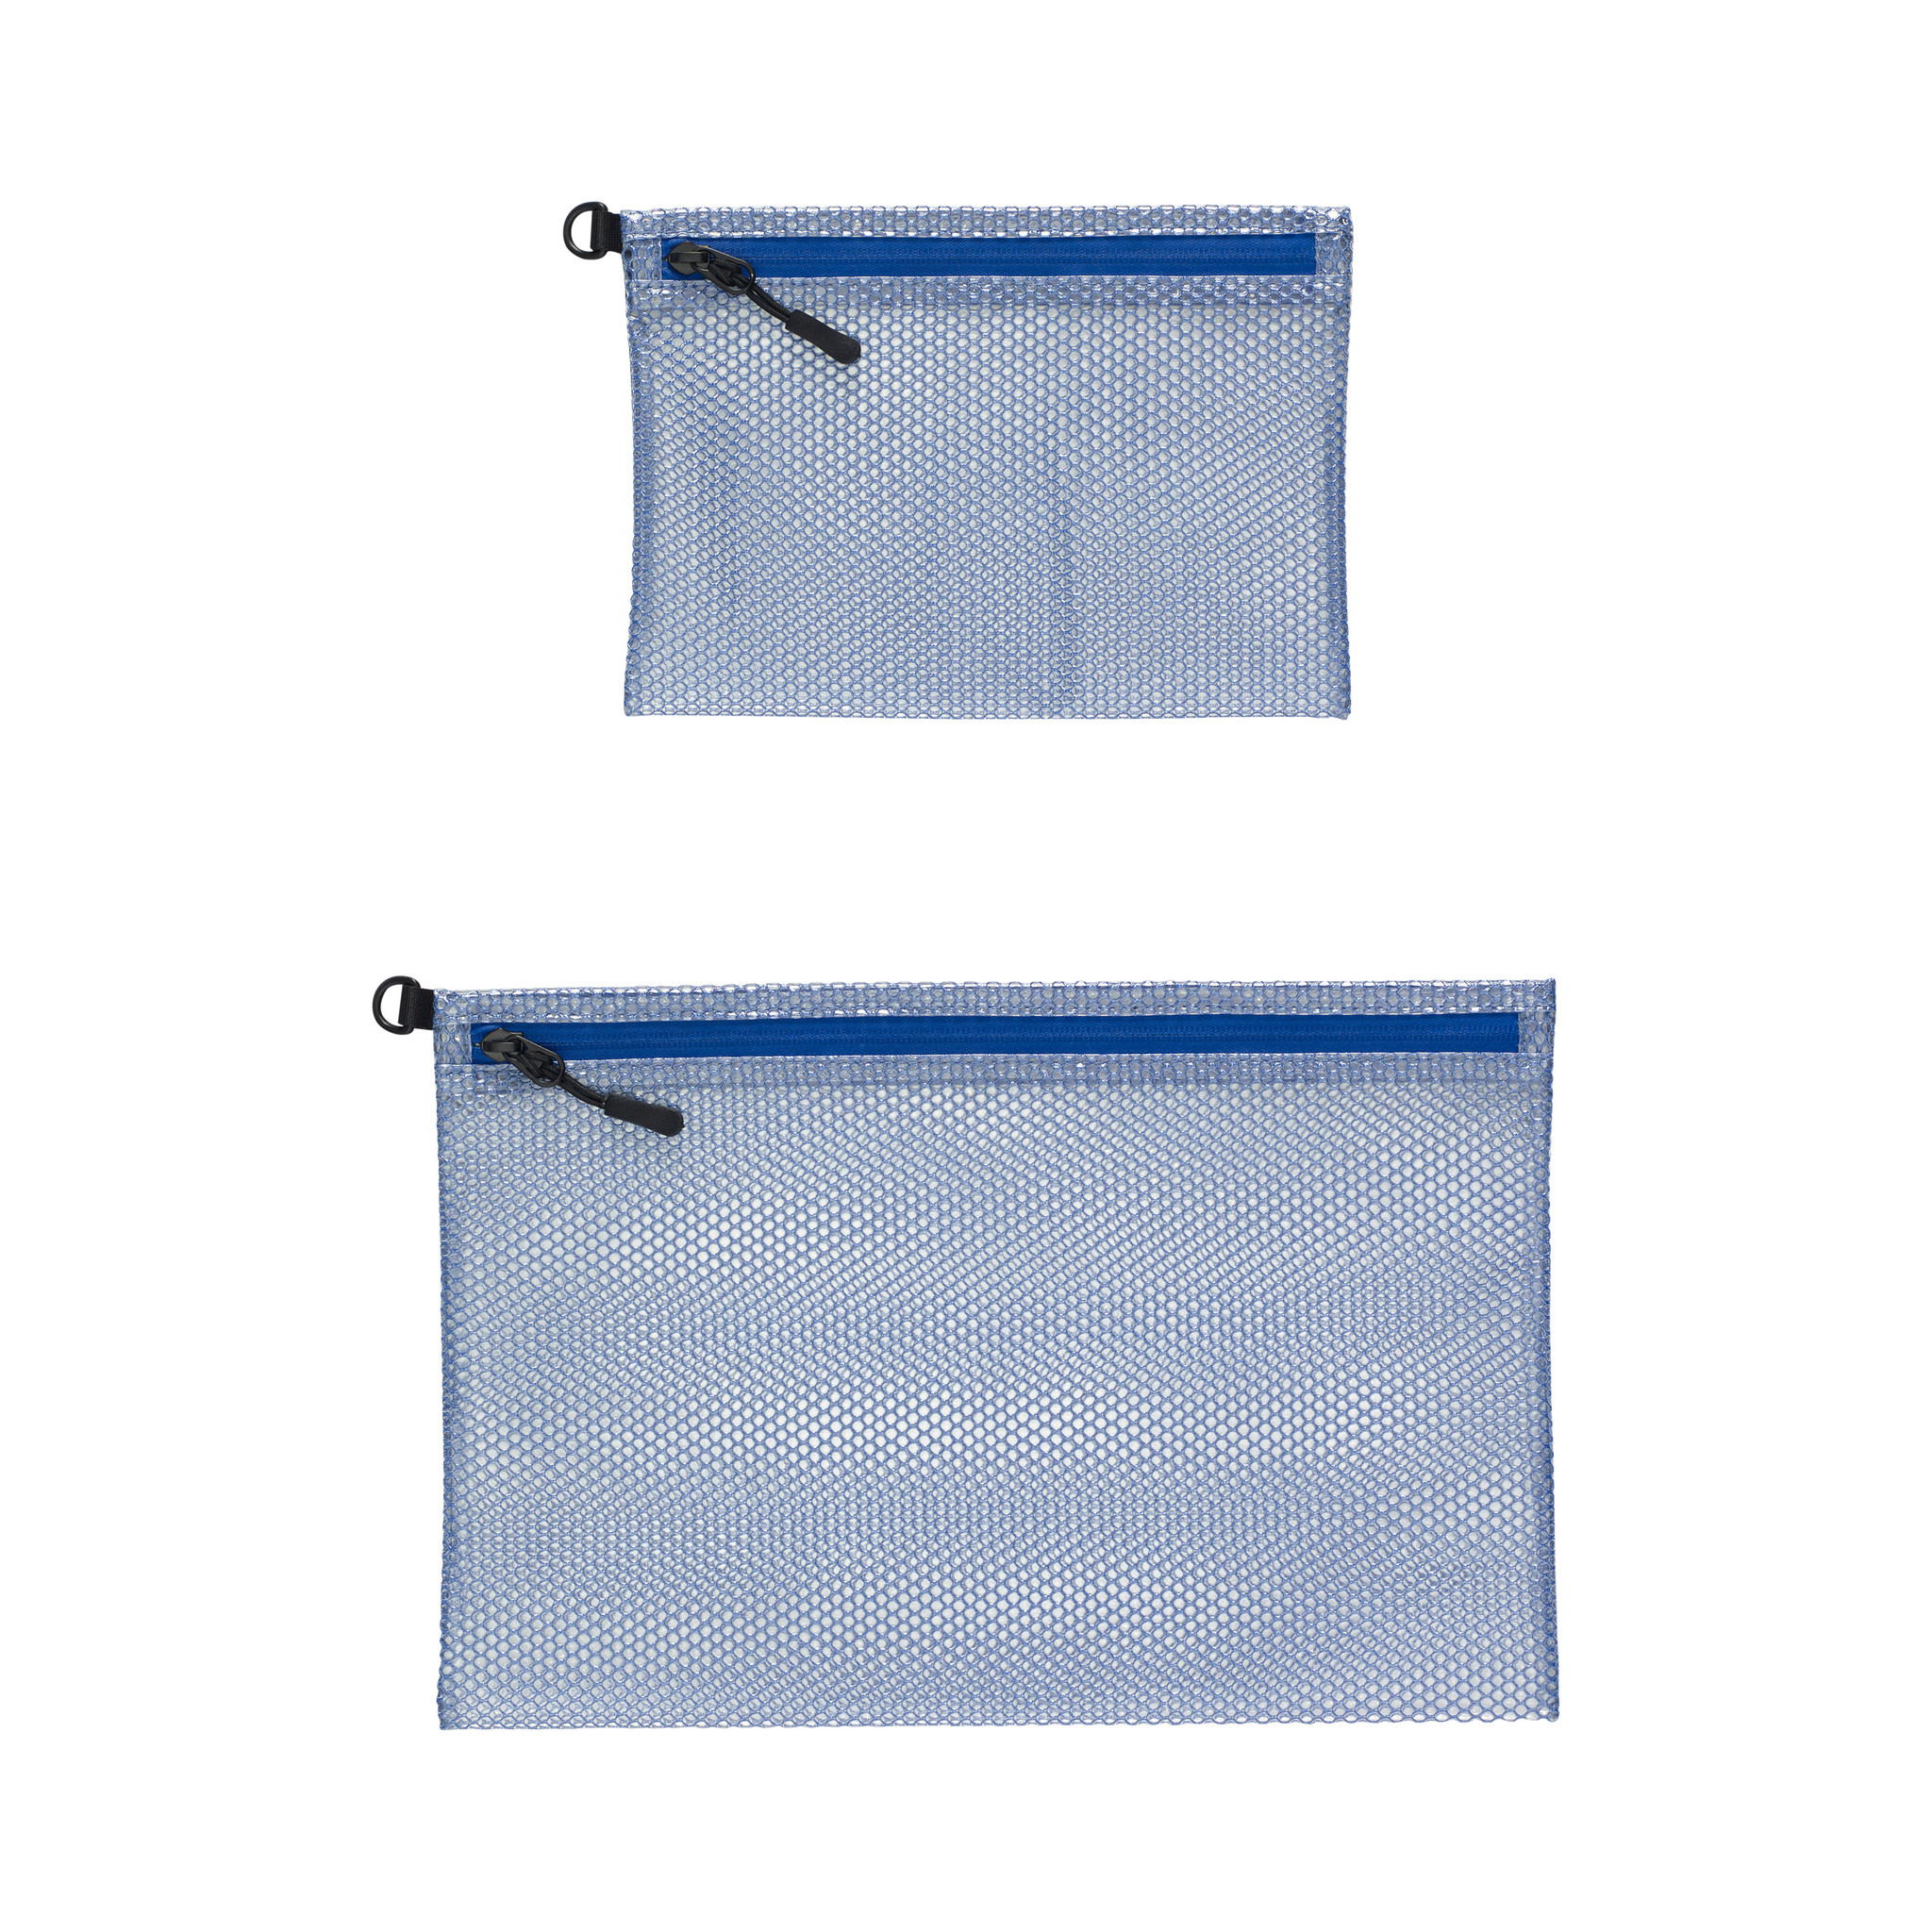 Hubsch Etui met ritssluiting, blauw, set van 2-260802-5712772038765